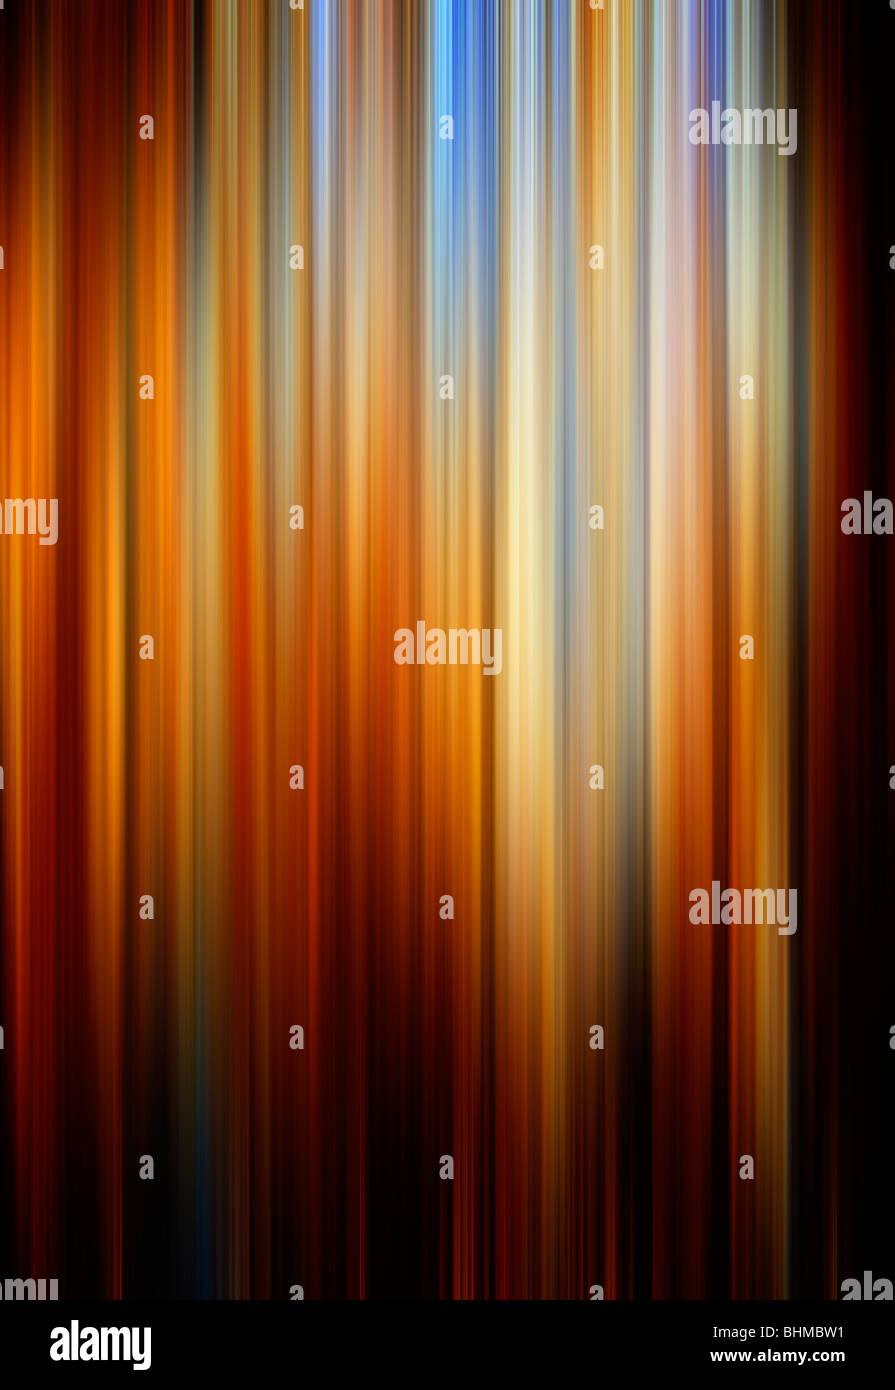 Colores abstractos con líneas de fondo y movimiento Imagen De Stock